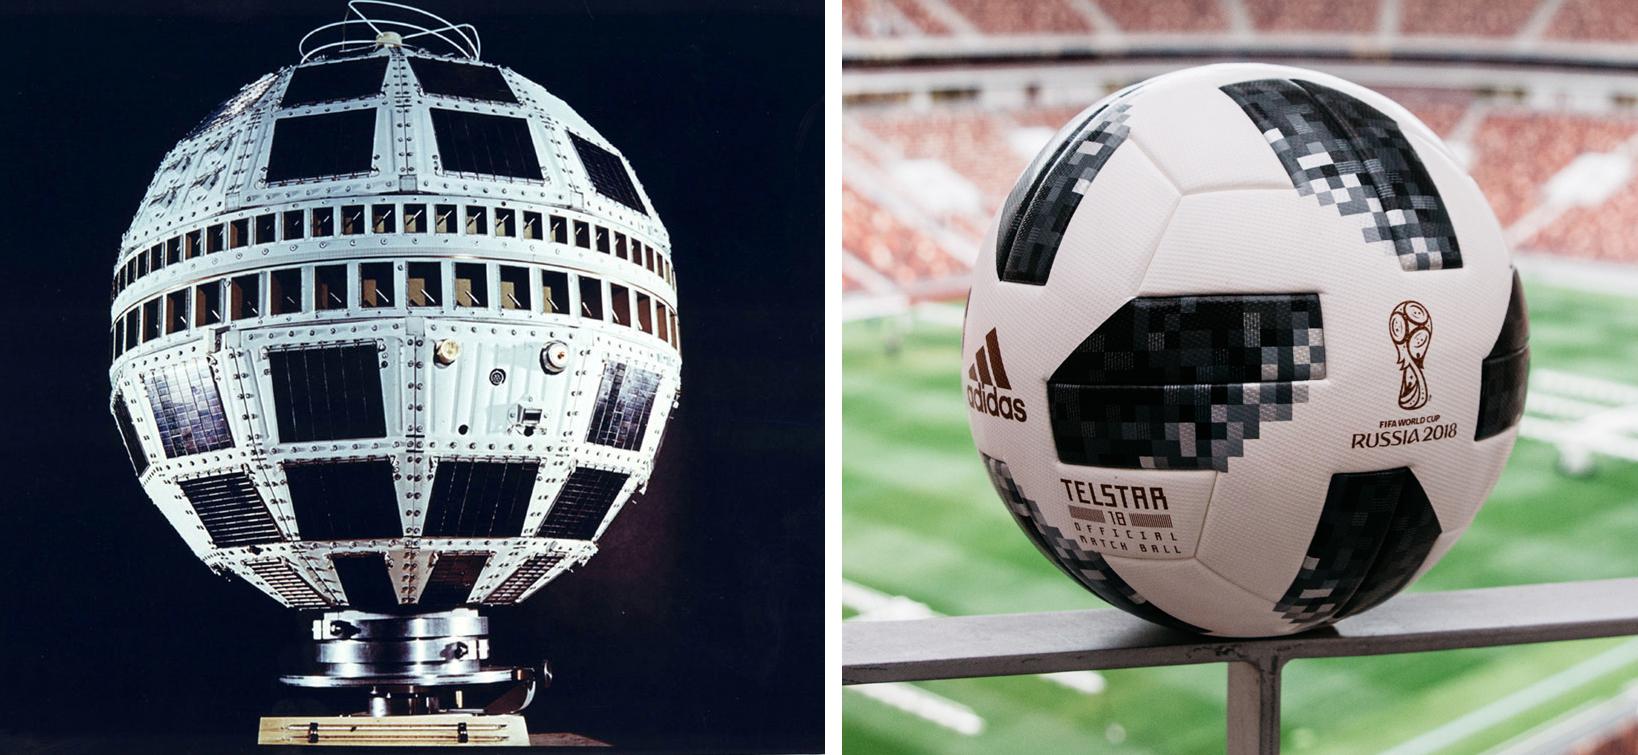 Farmacología global Hospitalidad  Los secretos de 'Telstar 18', el balón espacial con el que se juega el  Mundial de Rusia | Ciencia